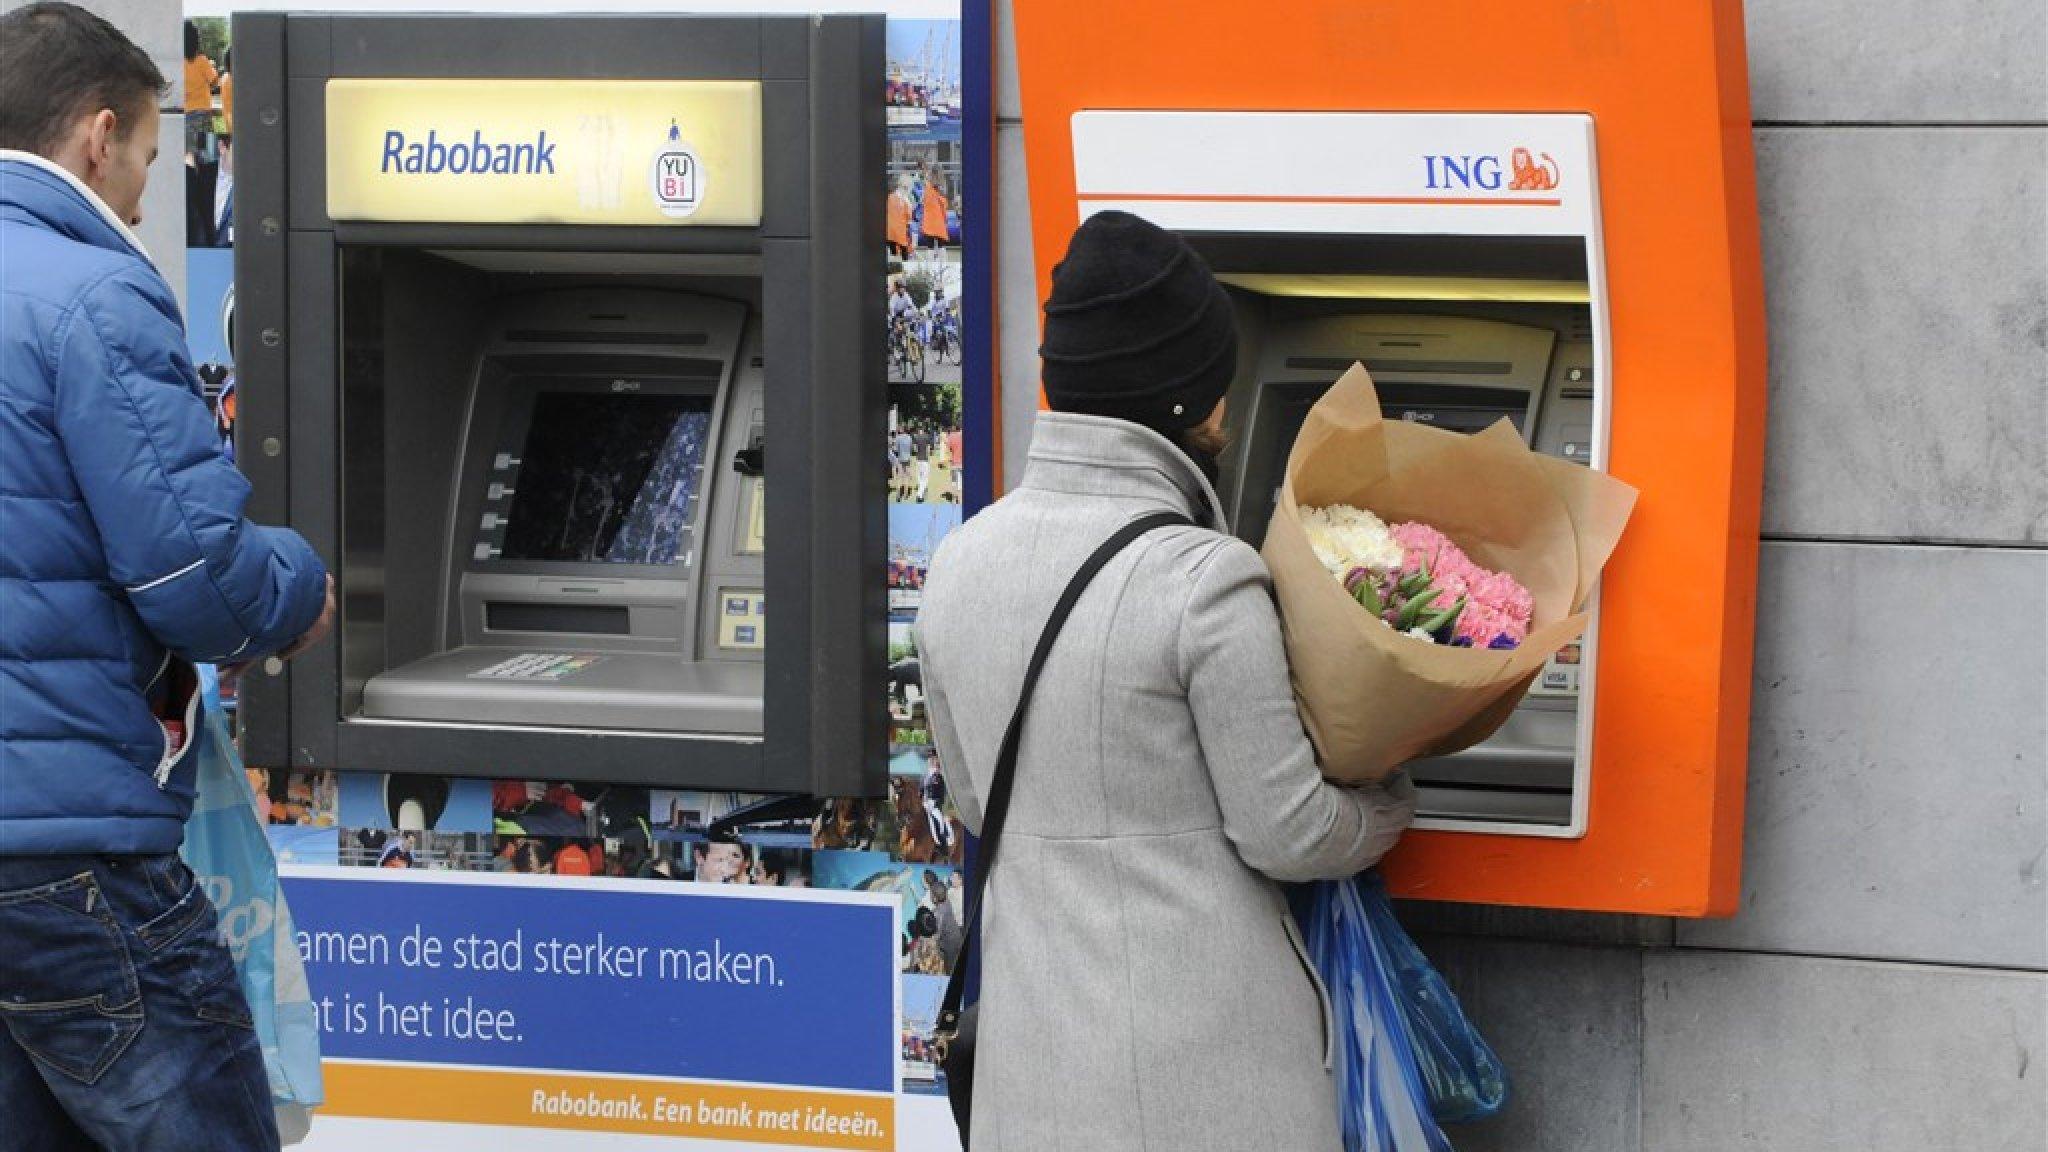 Banken in de penarie: ontslagrondes, volle stroppenpotten en verlies - RTL Nieuws